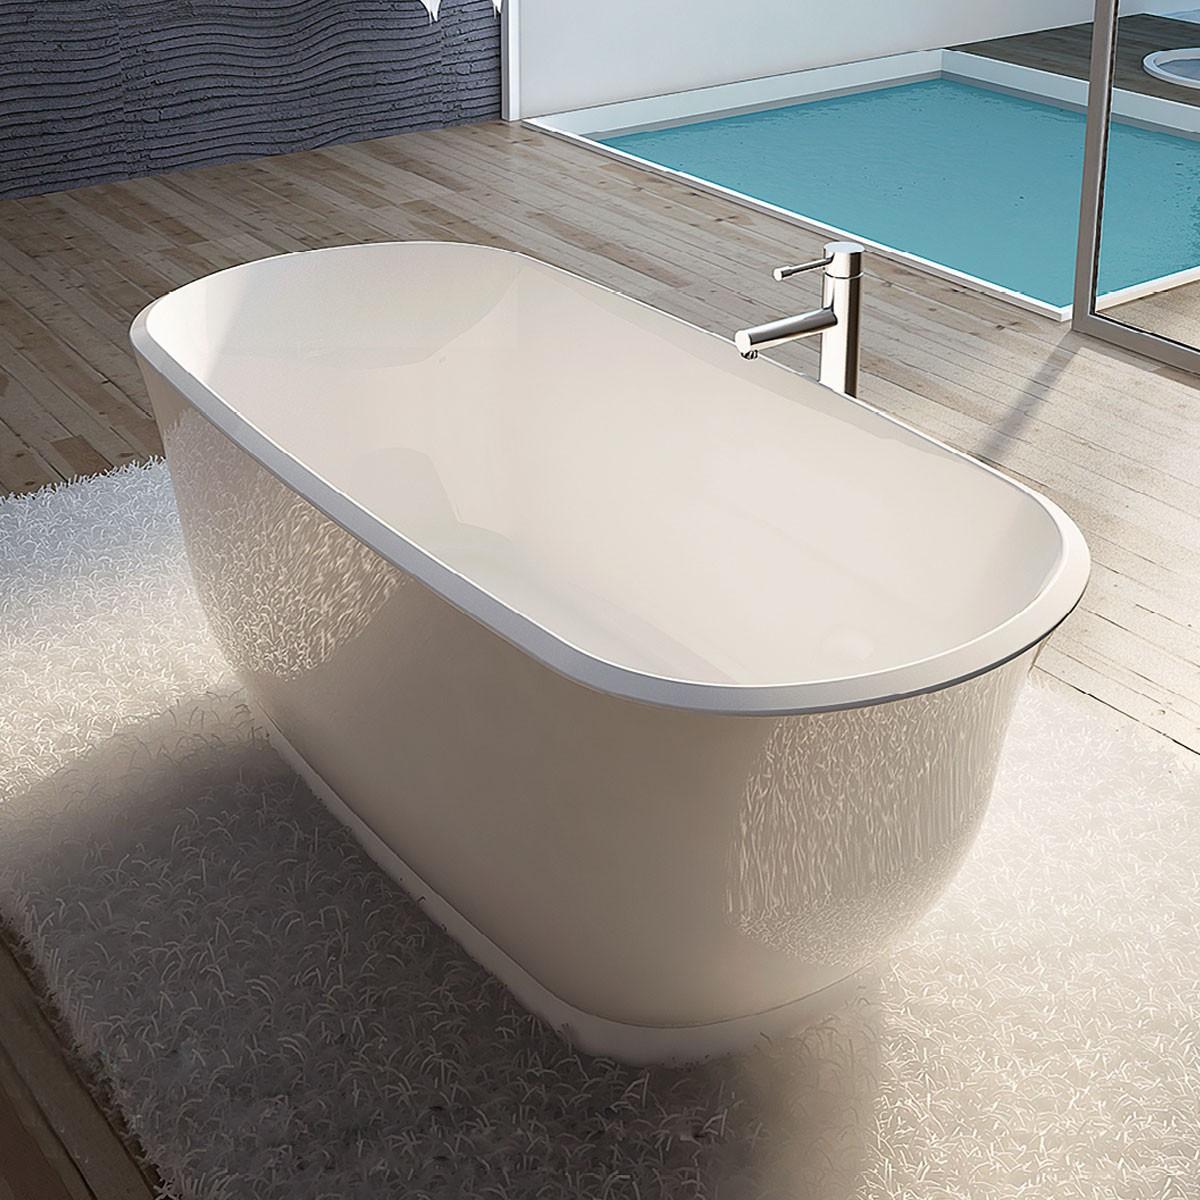 Cinq couleurs disponibles baignoire autoportante blanche for Prix baignoire acrylique